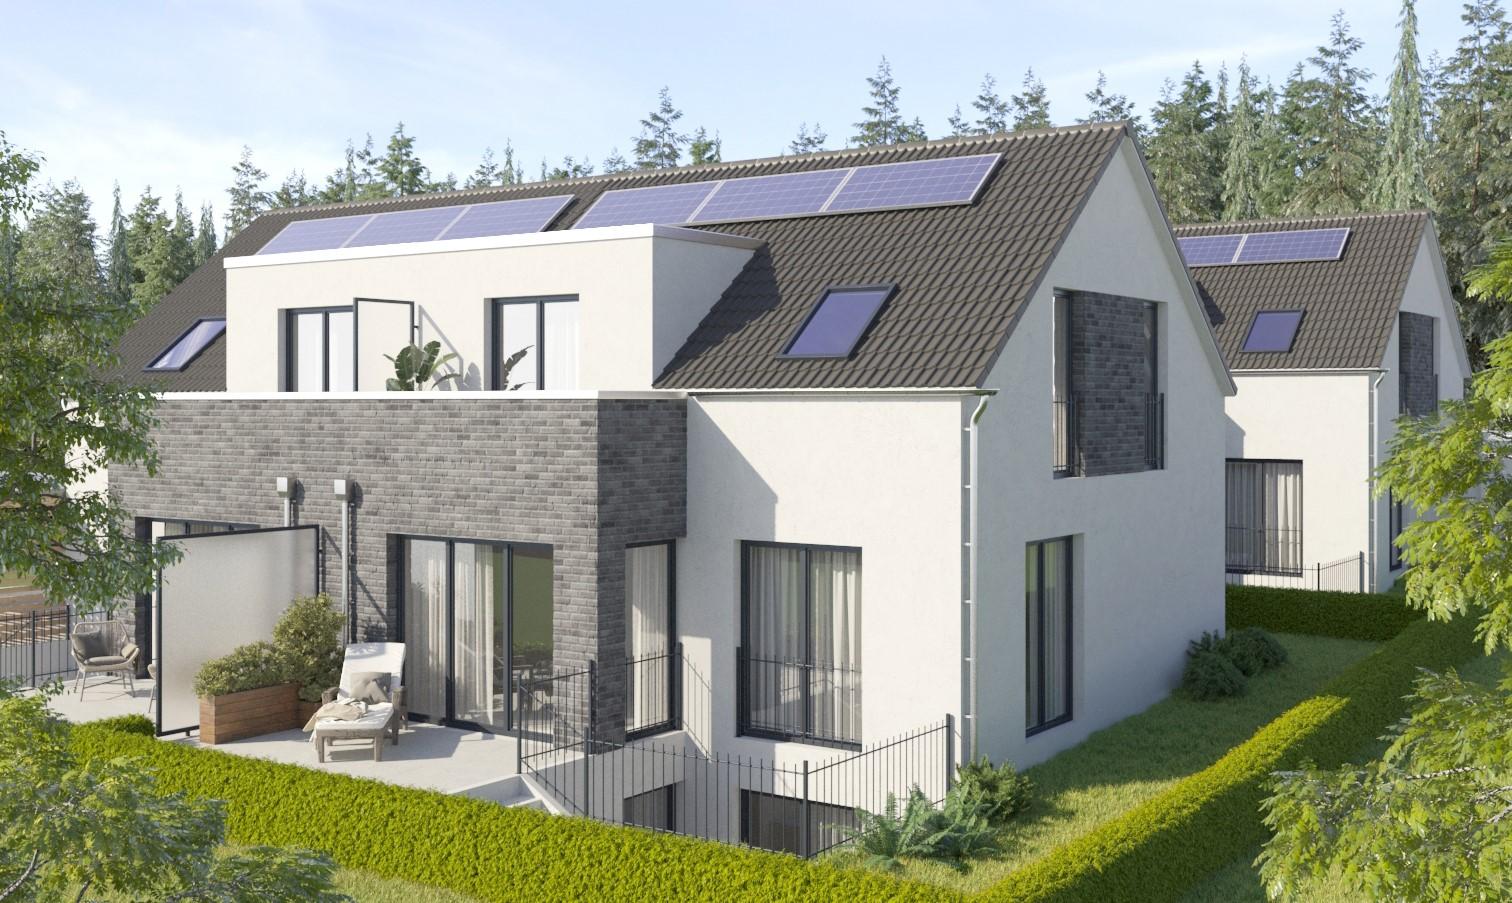 Exklusive Doppelhaushälfte in Begehrter Lage am Tannenwaldweg, Bad Homburg.